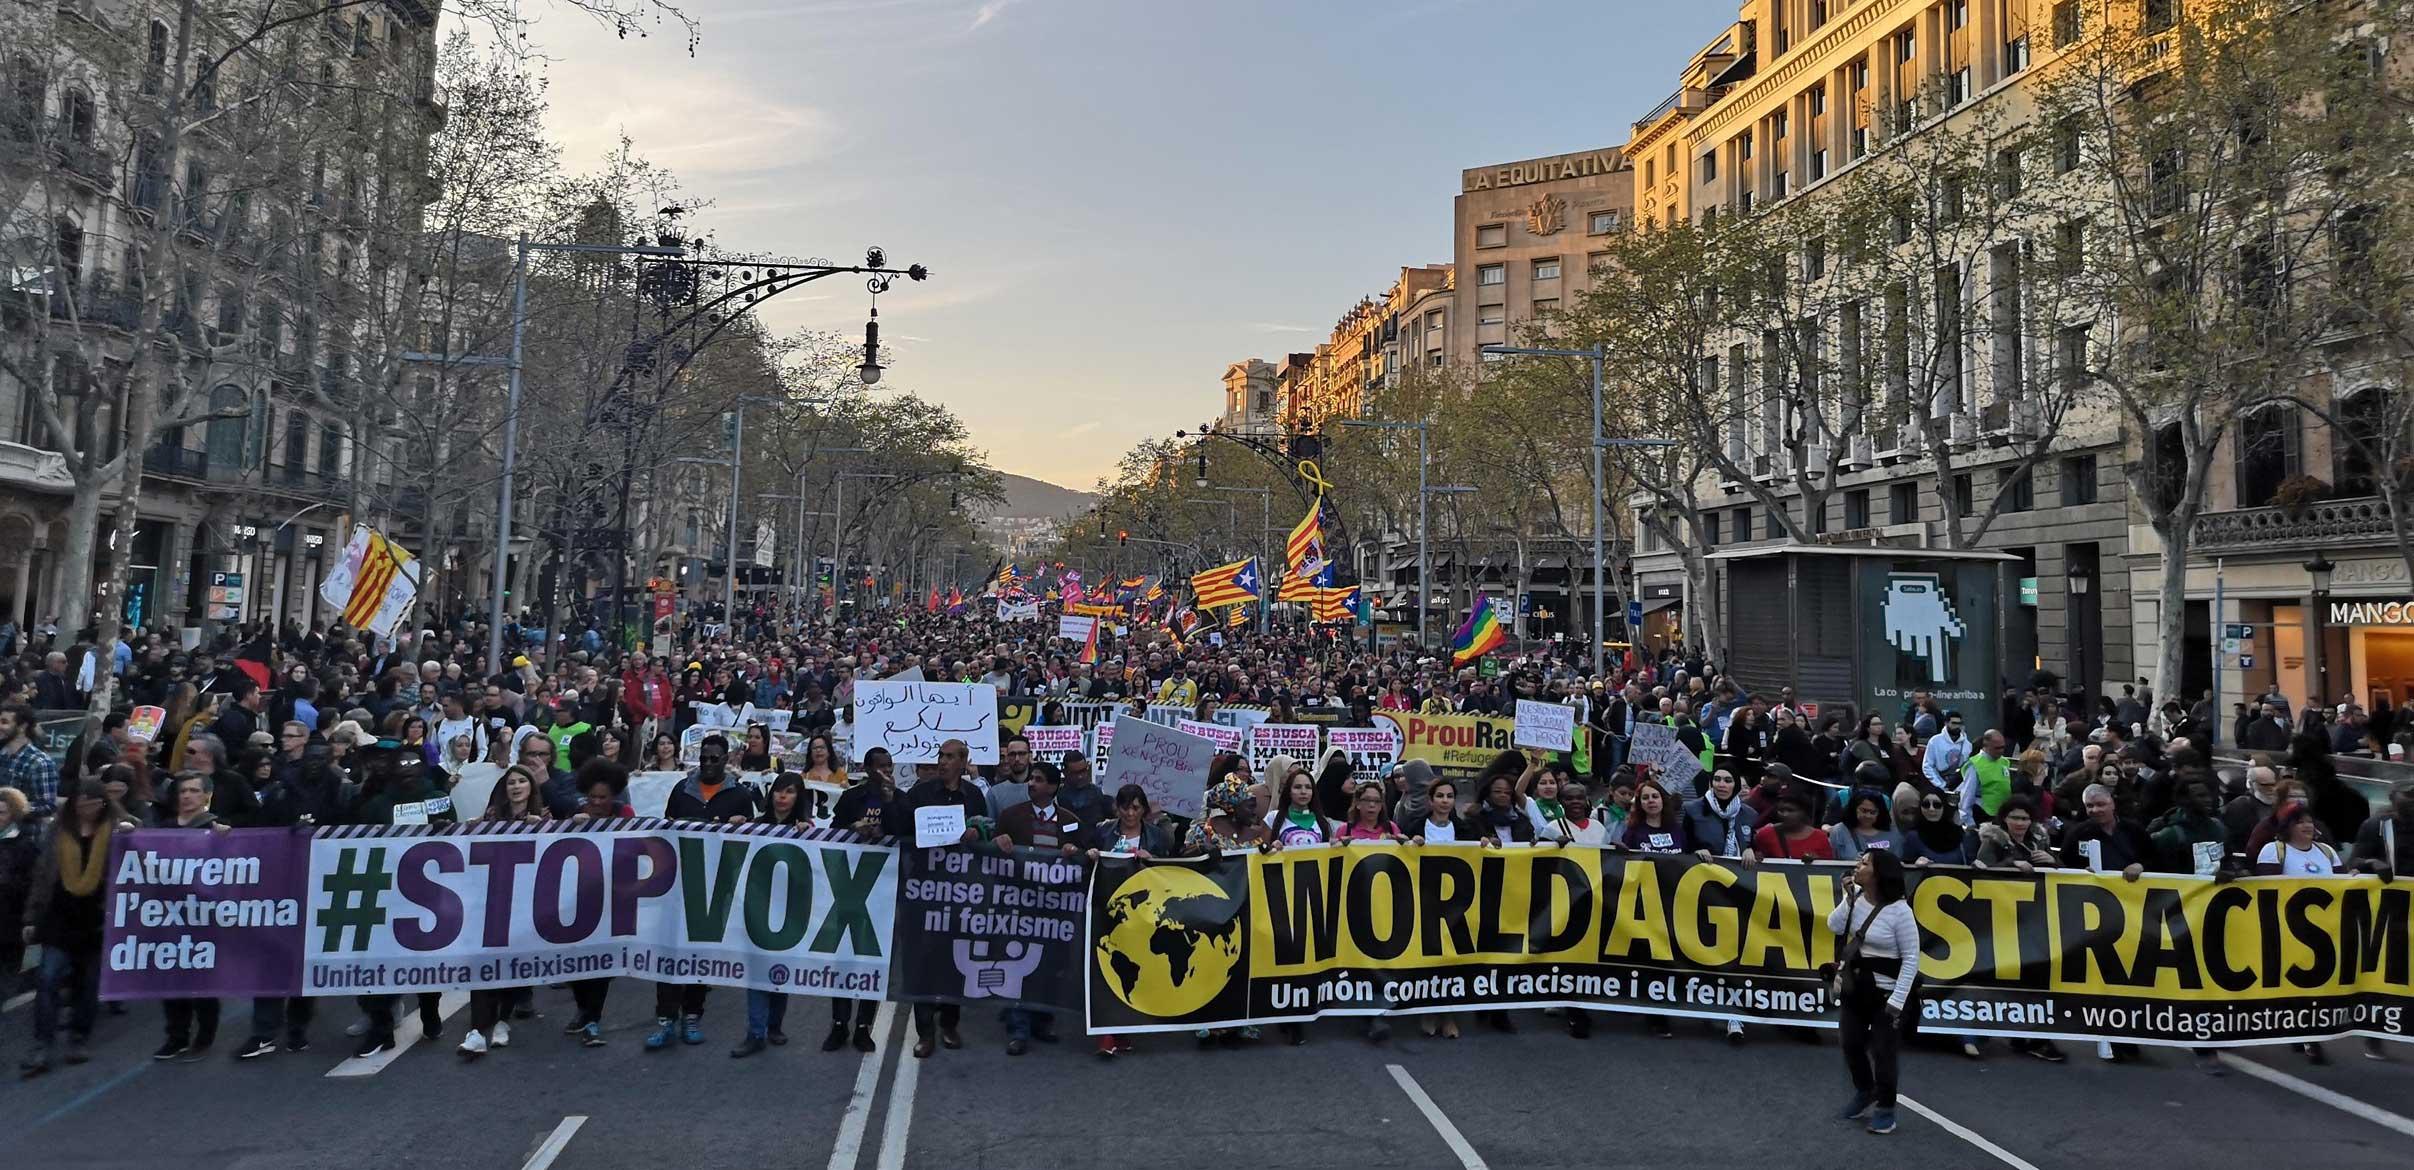 Capçalera de la manifestació #StopVox del 23 de març de 2019